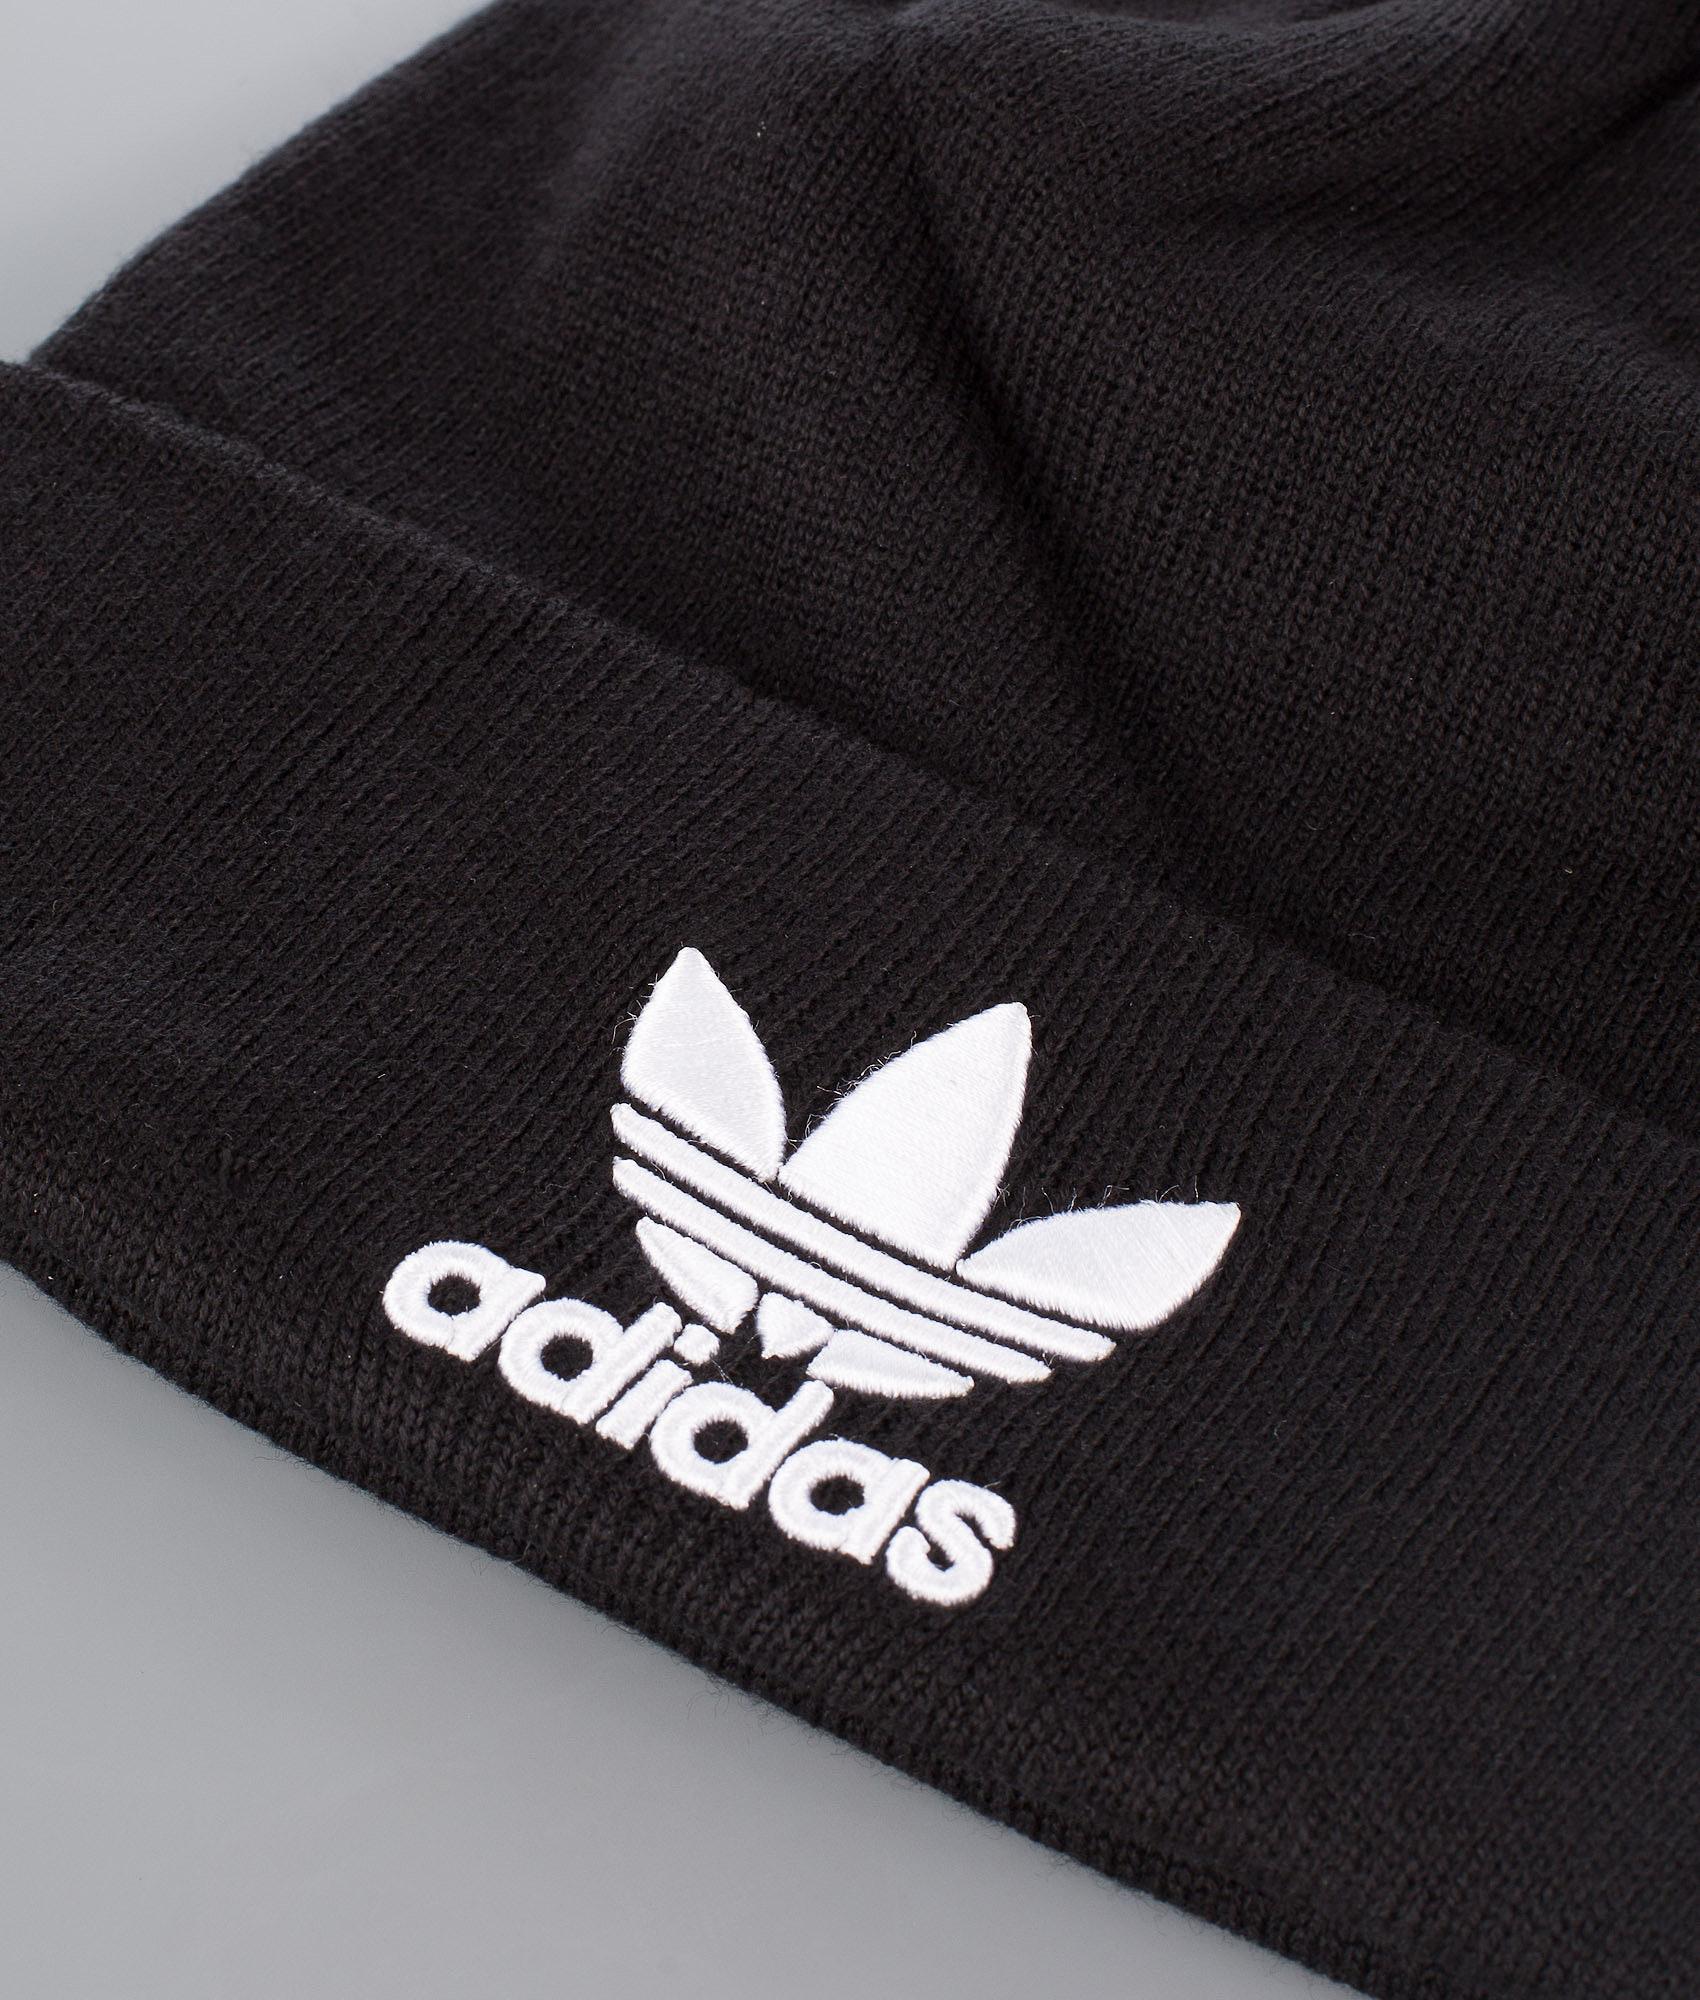 f55de375ae554 Adidas Originals Trefoil Beanie Black - Ridestore.com